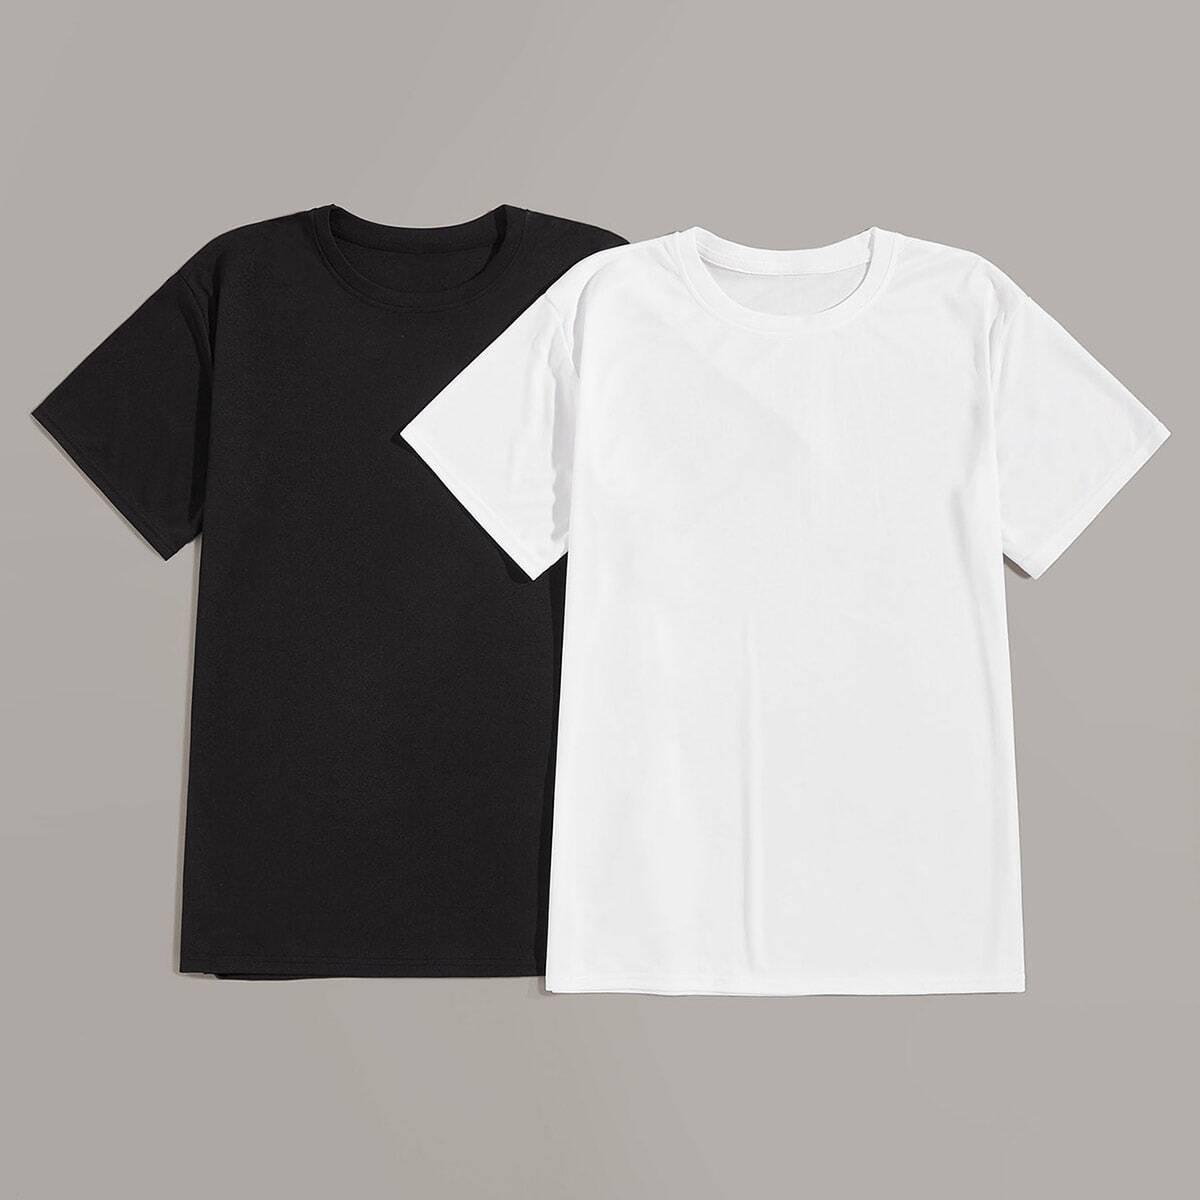 Zwart & wit Basics Vlak Shirts mannen